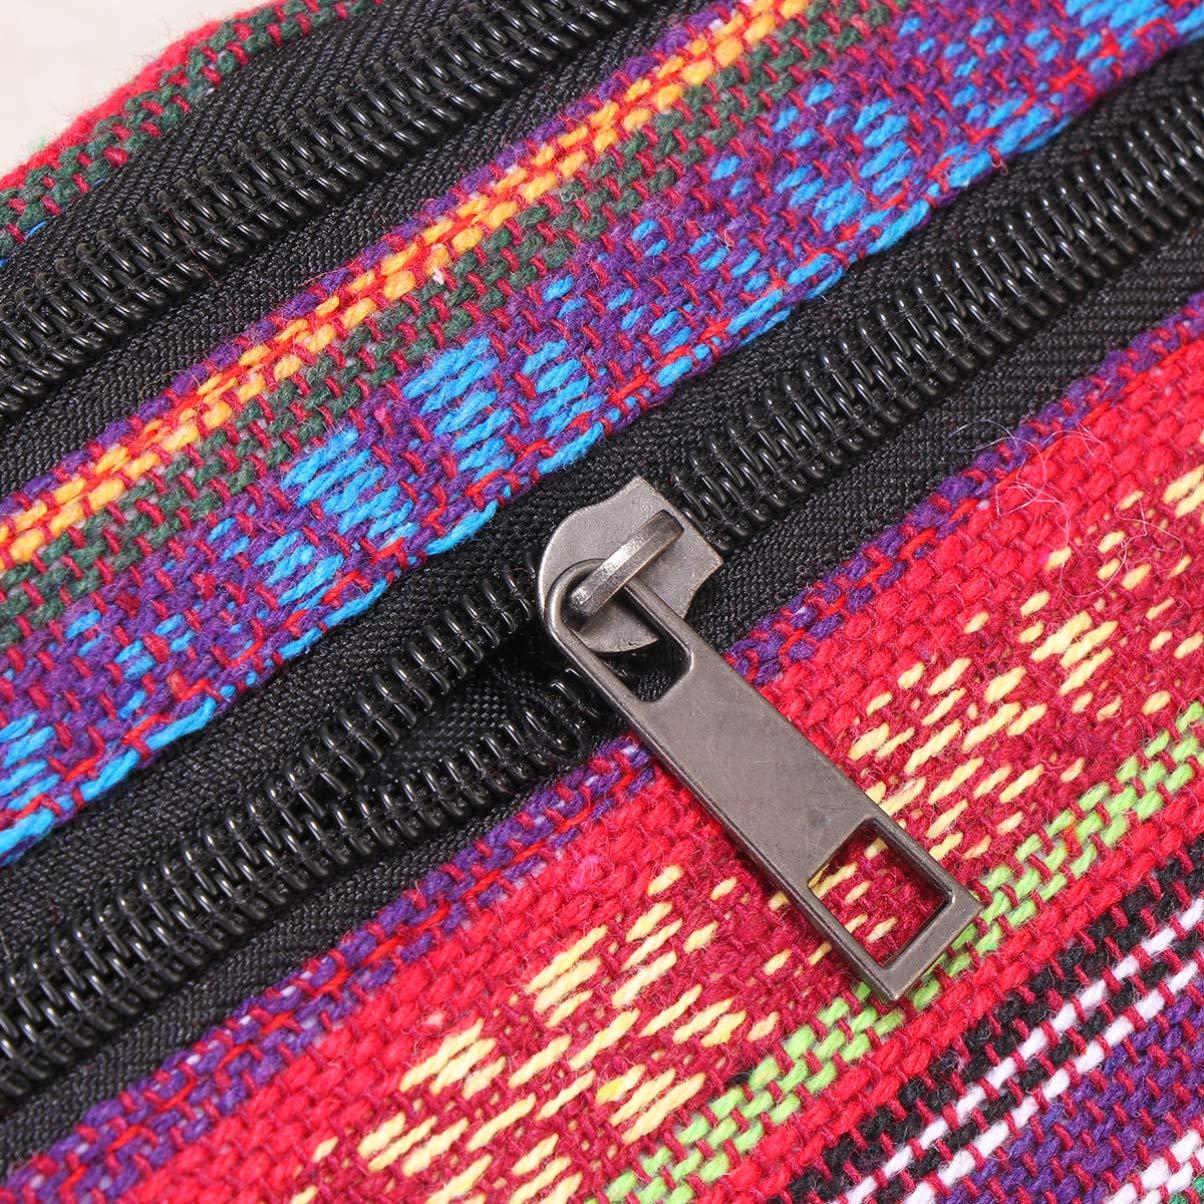 TENDYCOCO ri/ñonera Estilo /étnico Bolso de Cintura de Lona Estampada Bolso de Hombro Bandolera cintur/ón Monedero para ni/ña Mujer